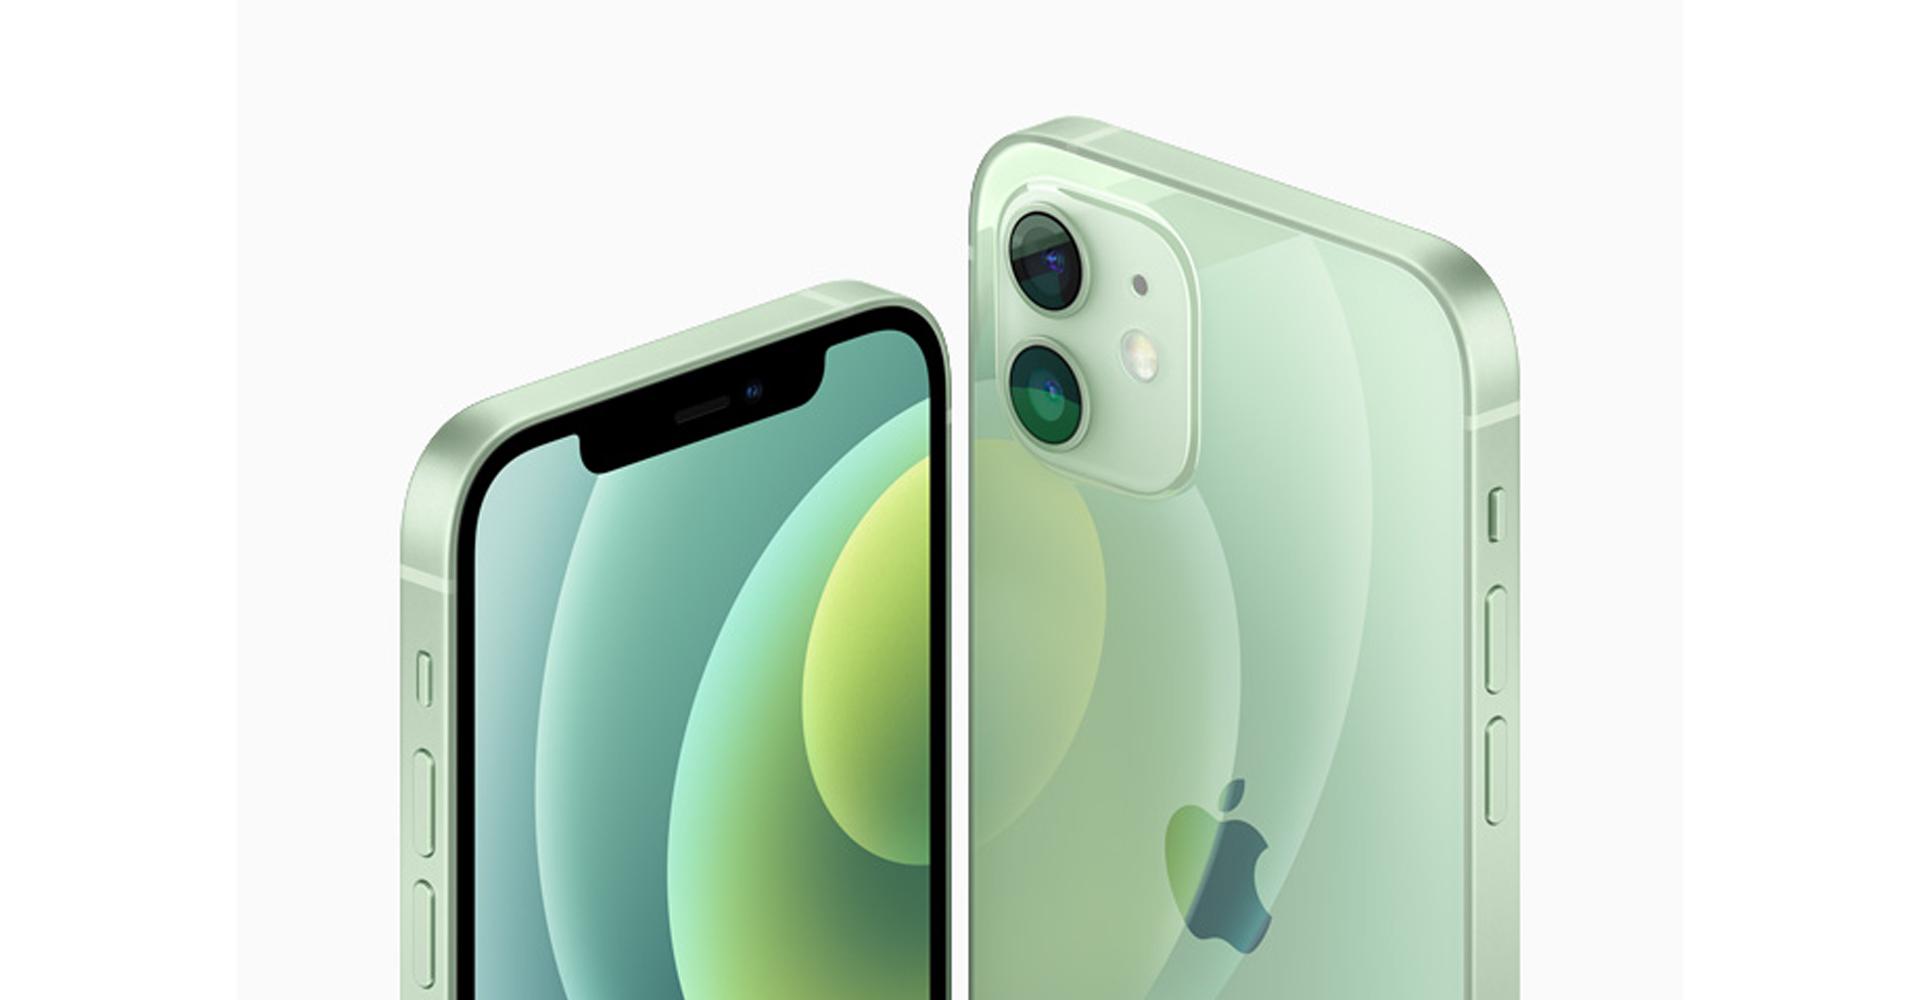 iPhone 12 mini in Grün von vorne und hinten